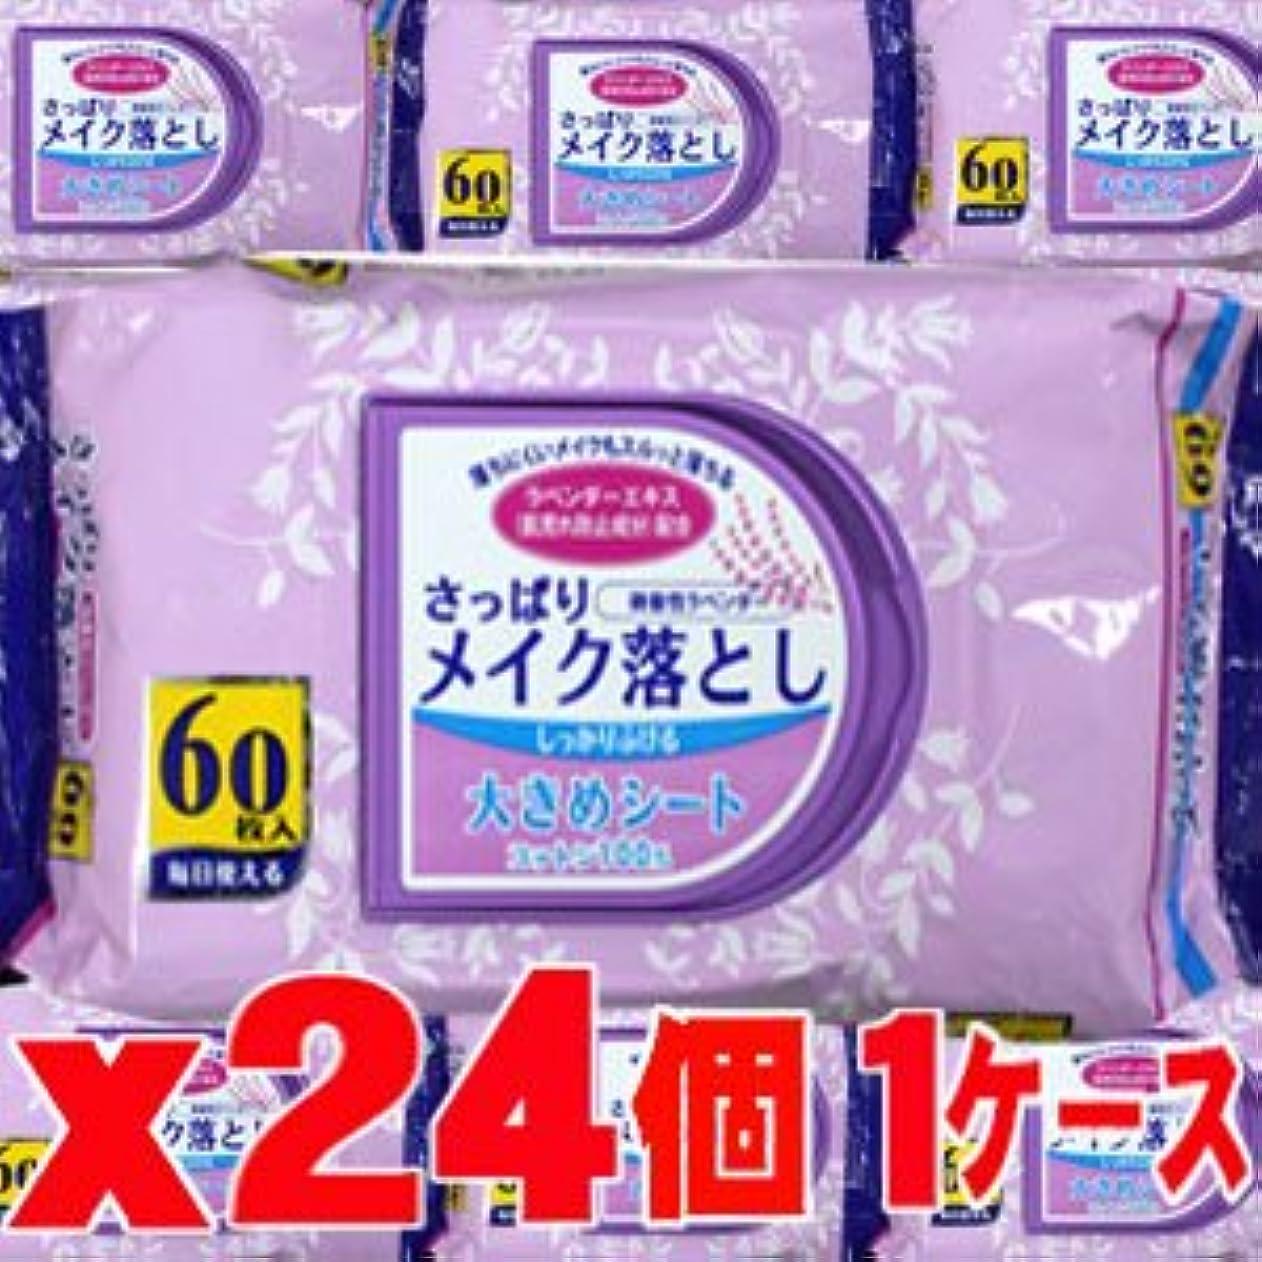 なので混沌浴【24個】さっぱり メイク落とし 60枚x24個 1ケース (4994416031245)